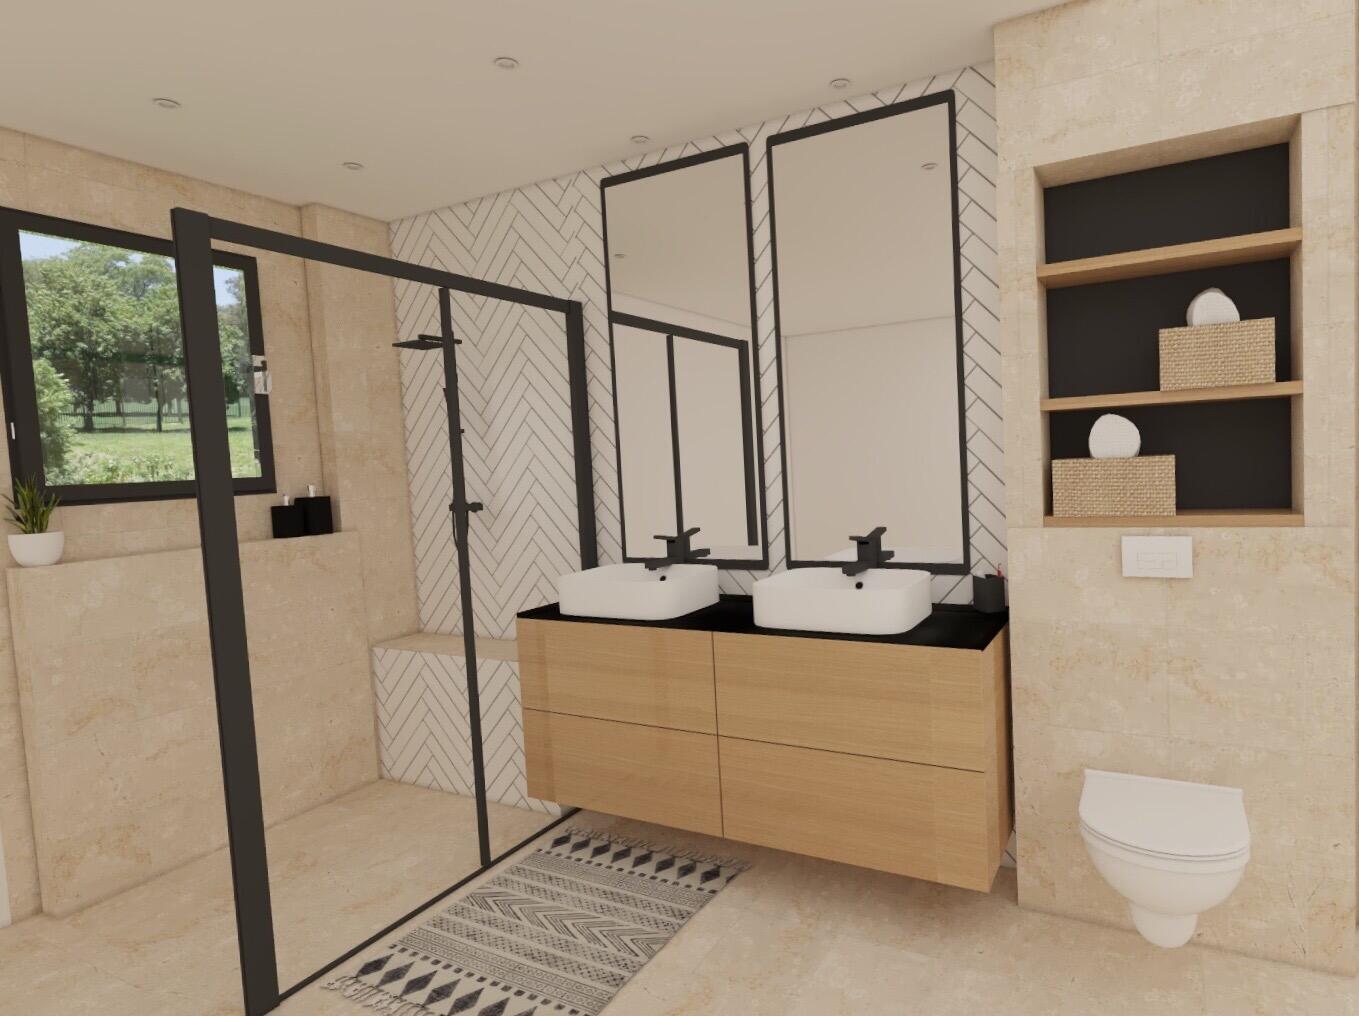 Salle De Bain Revetement salle de bain zen & nature : 30 idées pour vous inspirer